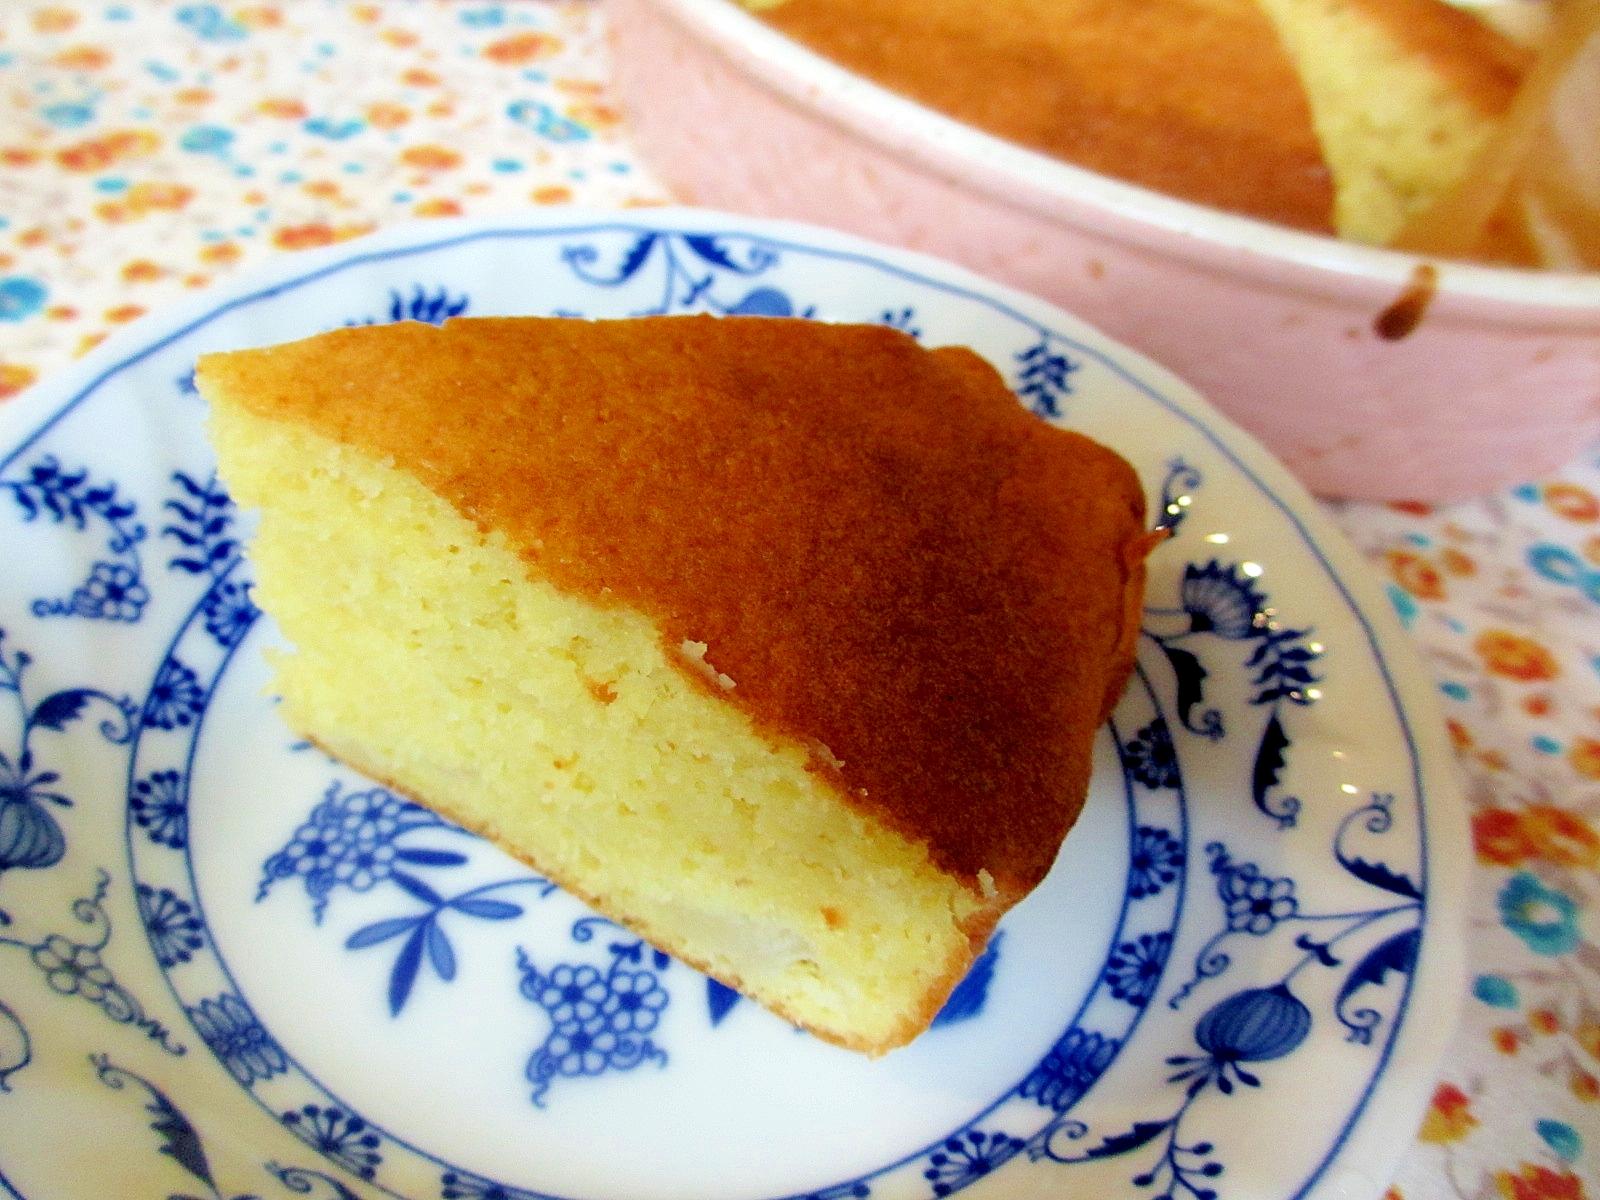 〔お手伝いレシピ〕洋ナシとおからの生クリームケーキ